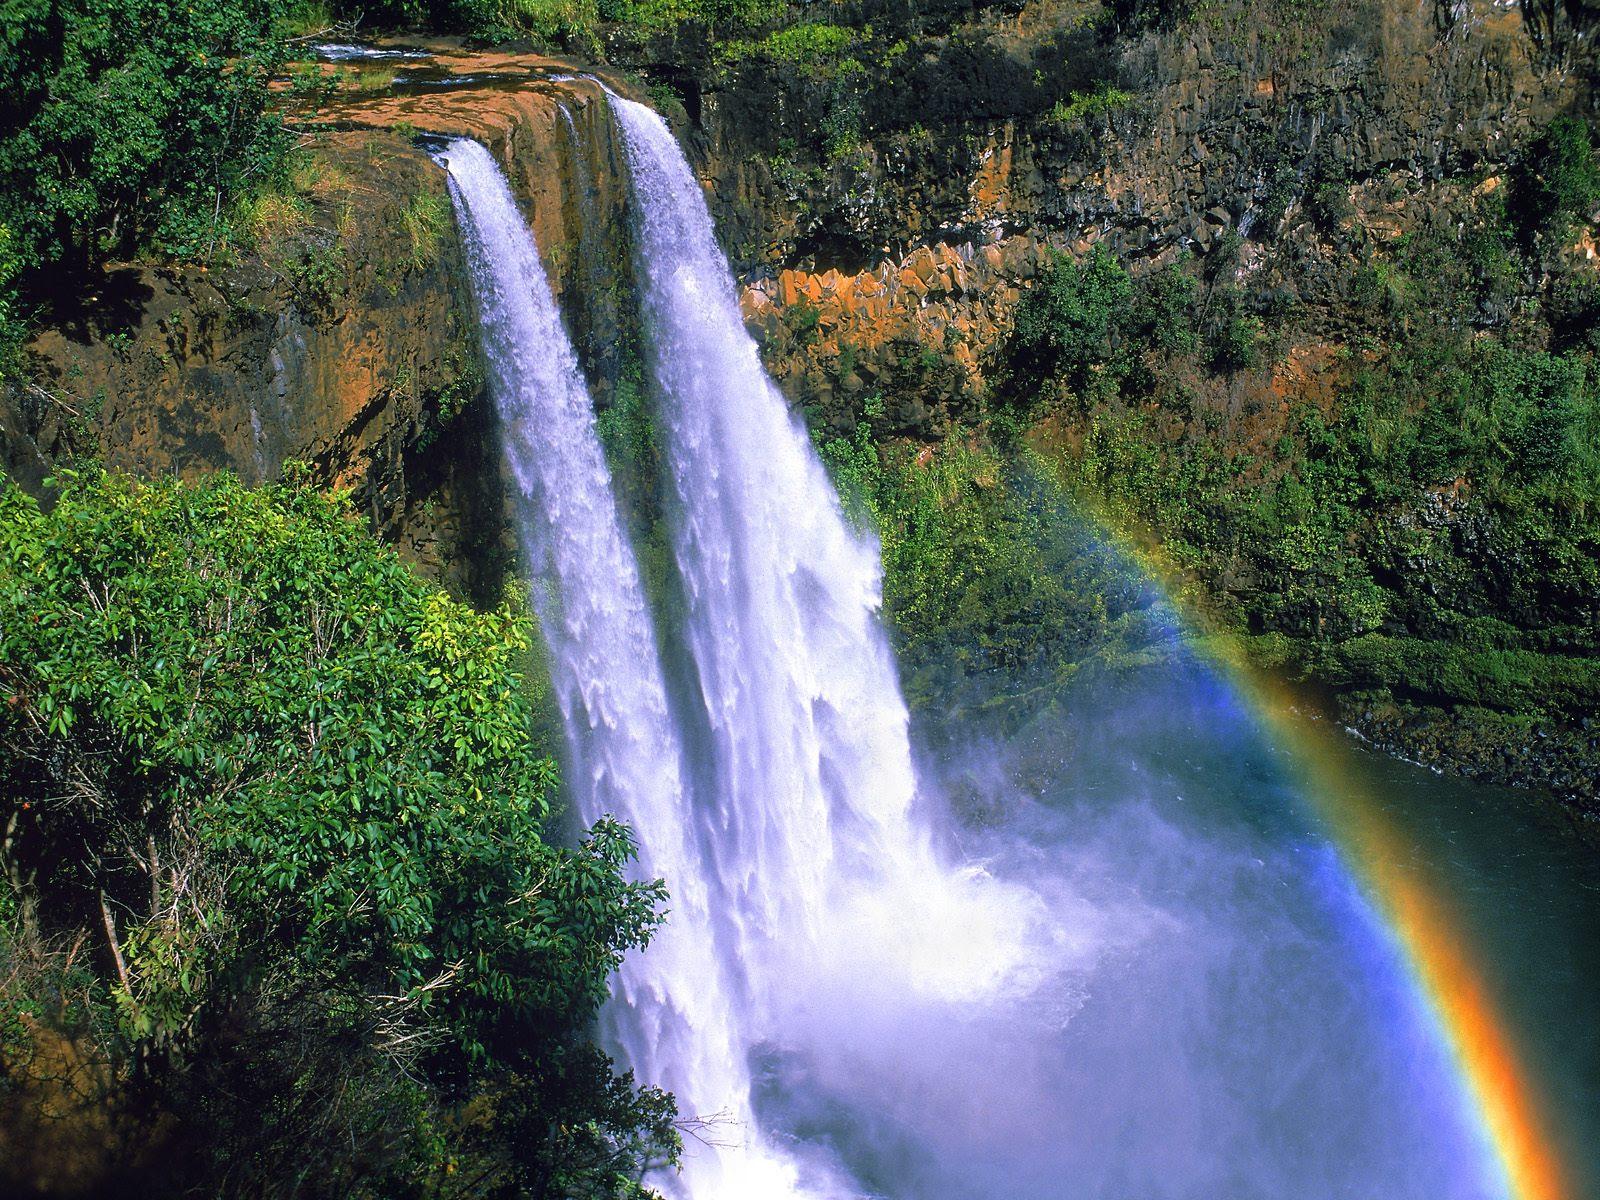 Pemandangan Air Terjun Foto Dunia Alam Semesta INDONESIA